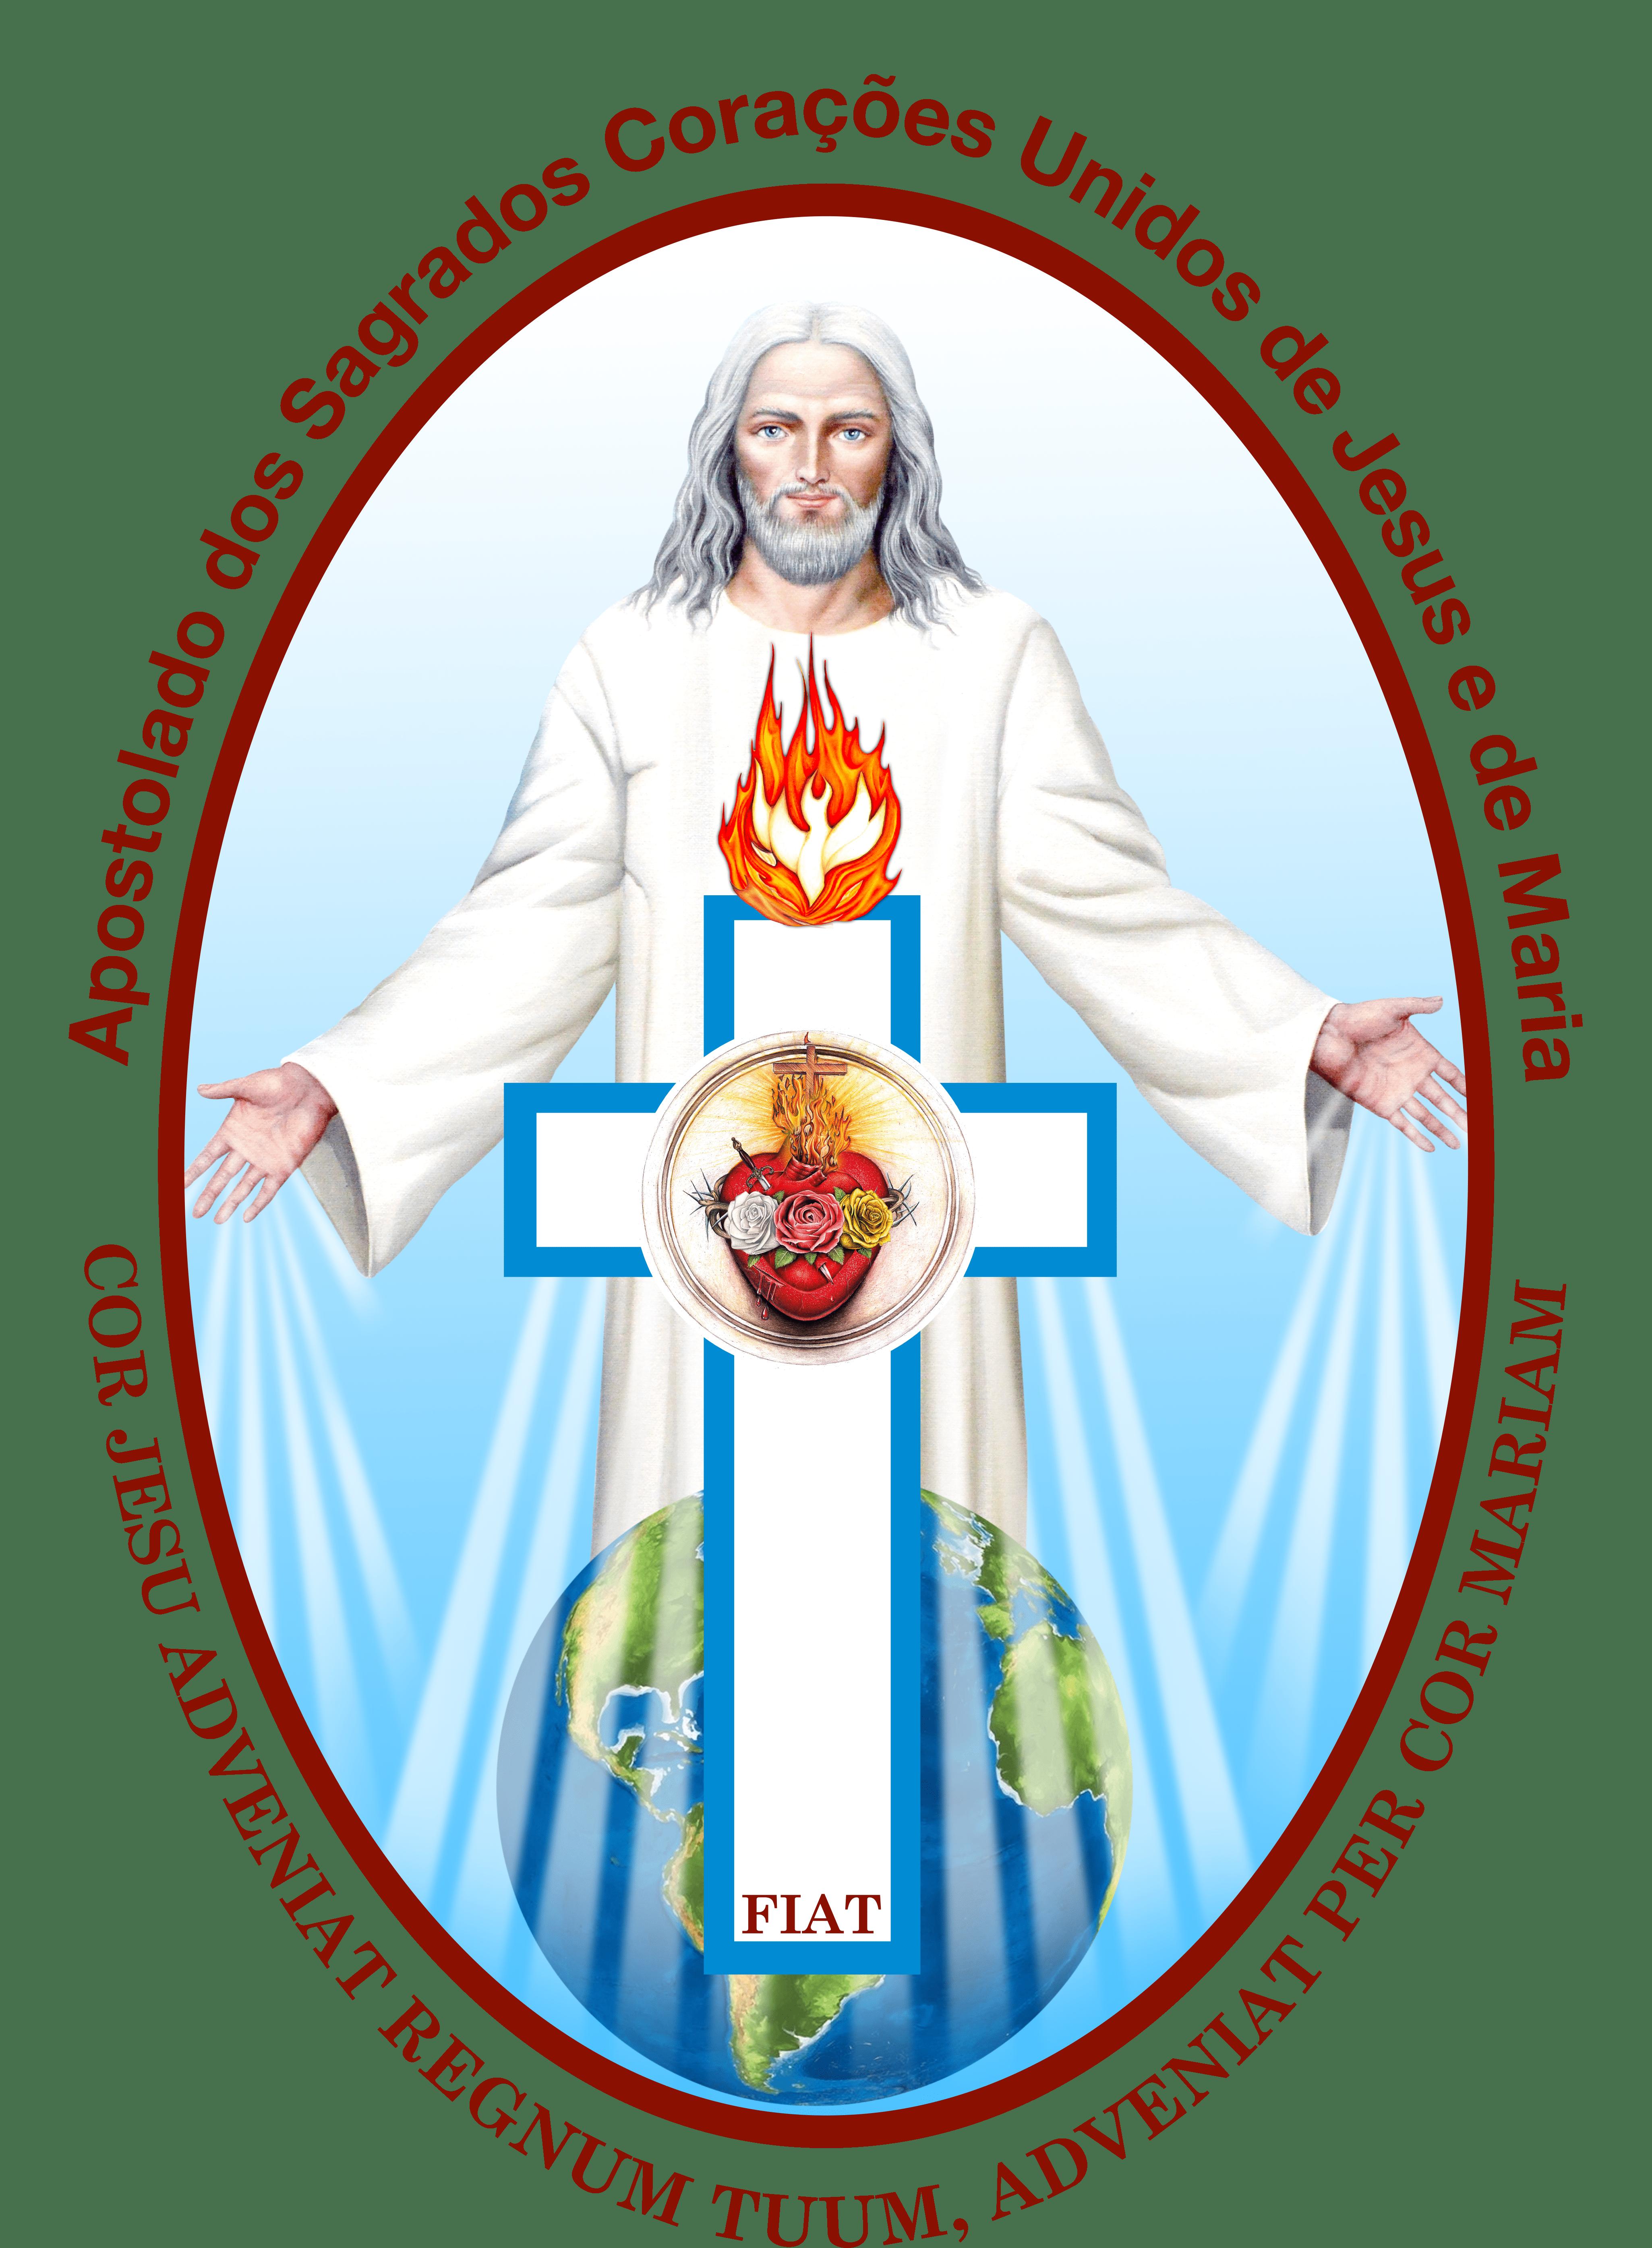 Apostolado dos Sagrados Corações Unidos de Jesus e de Maria